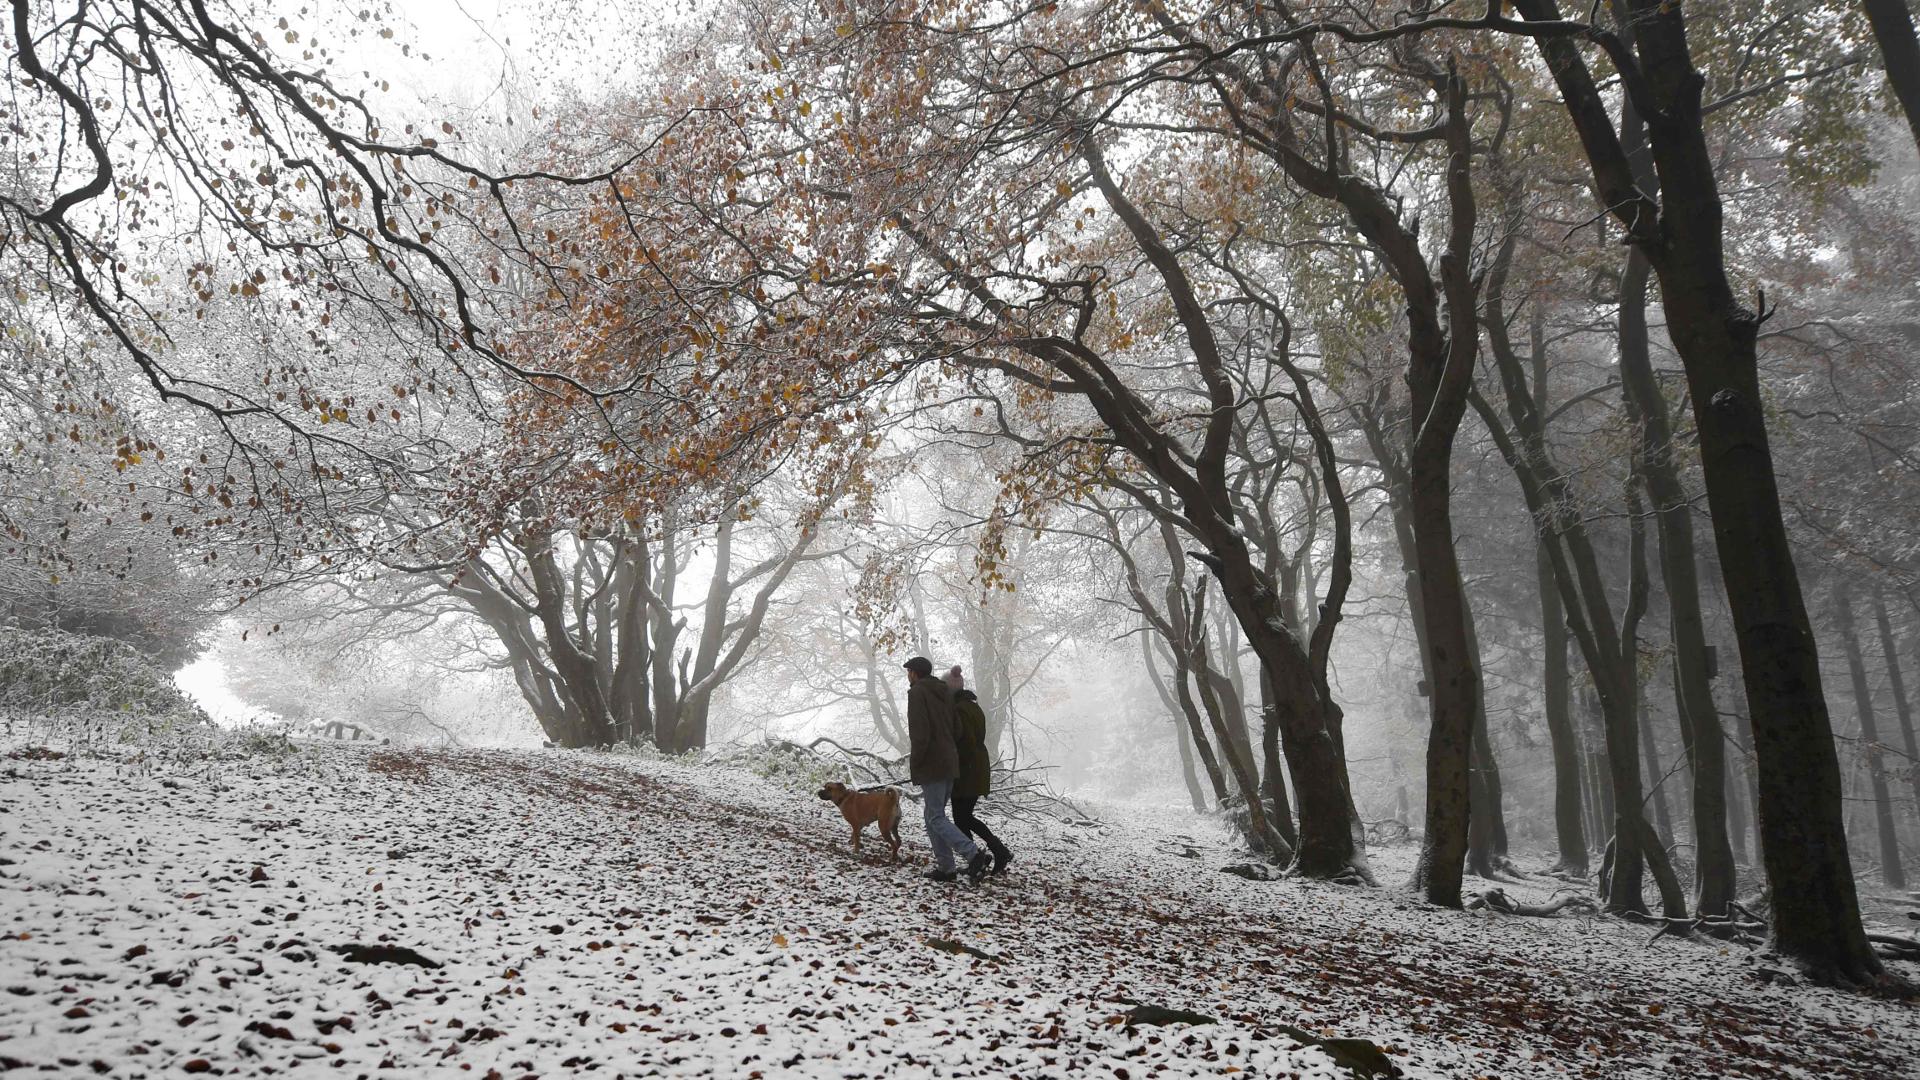 Bajada de temperaturas generalizada y nieve en el norte